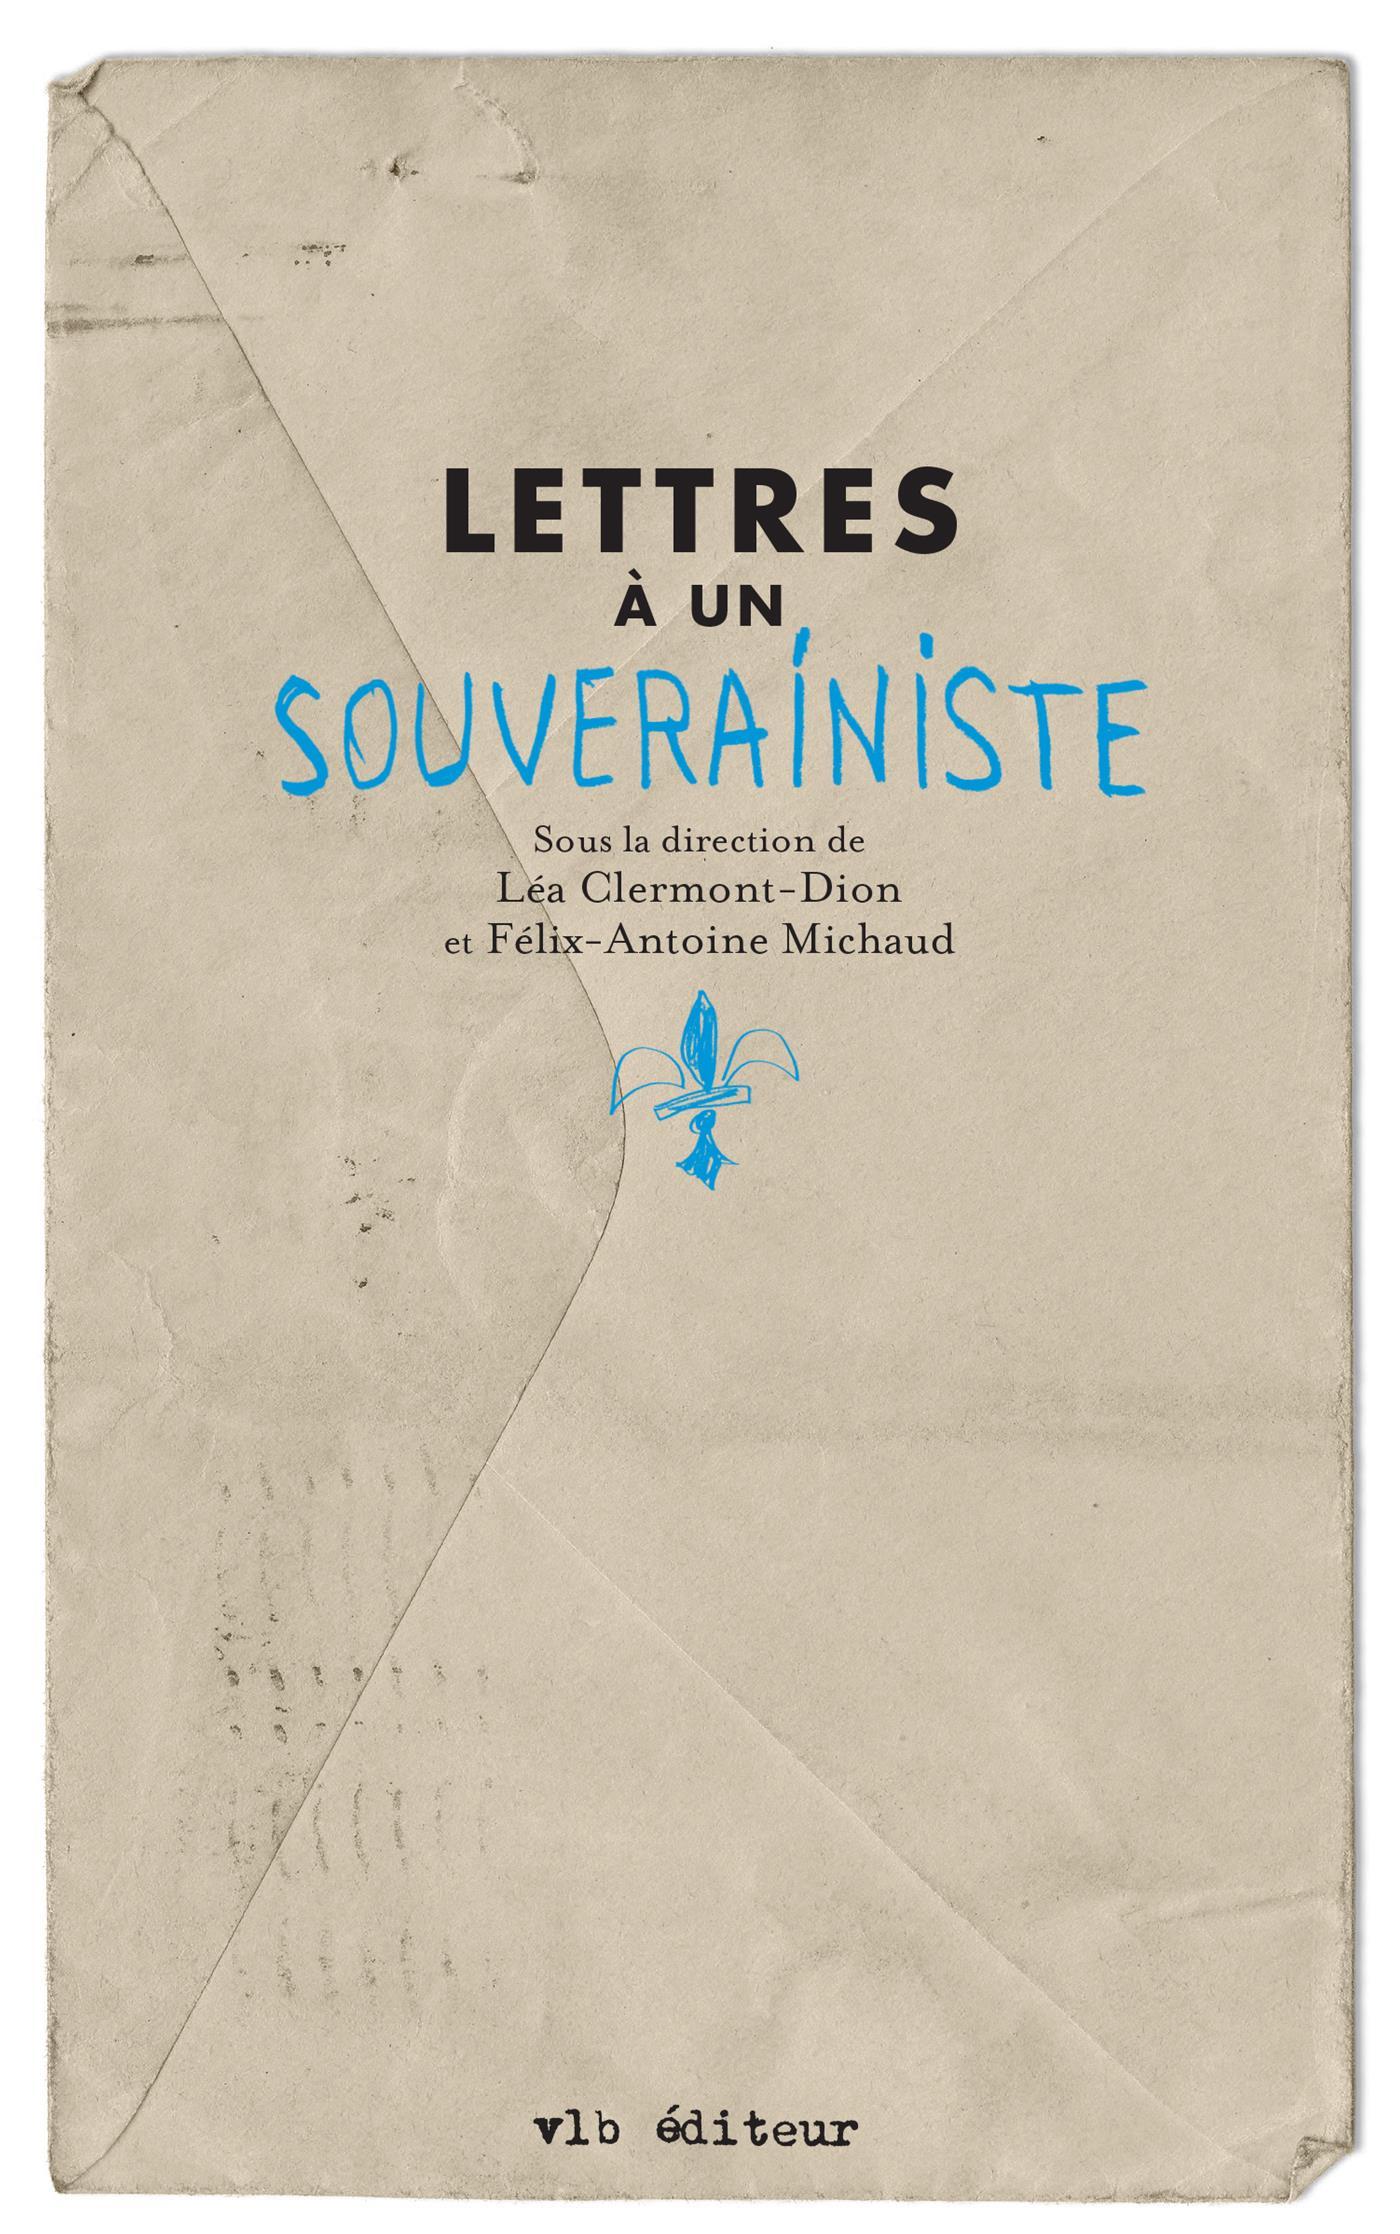 Lettres à un souverainiste